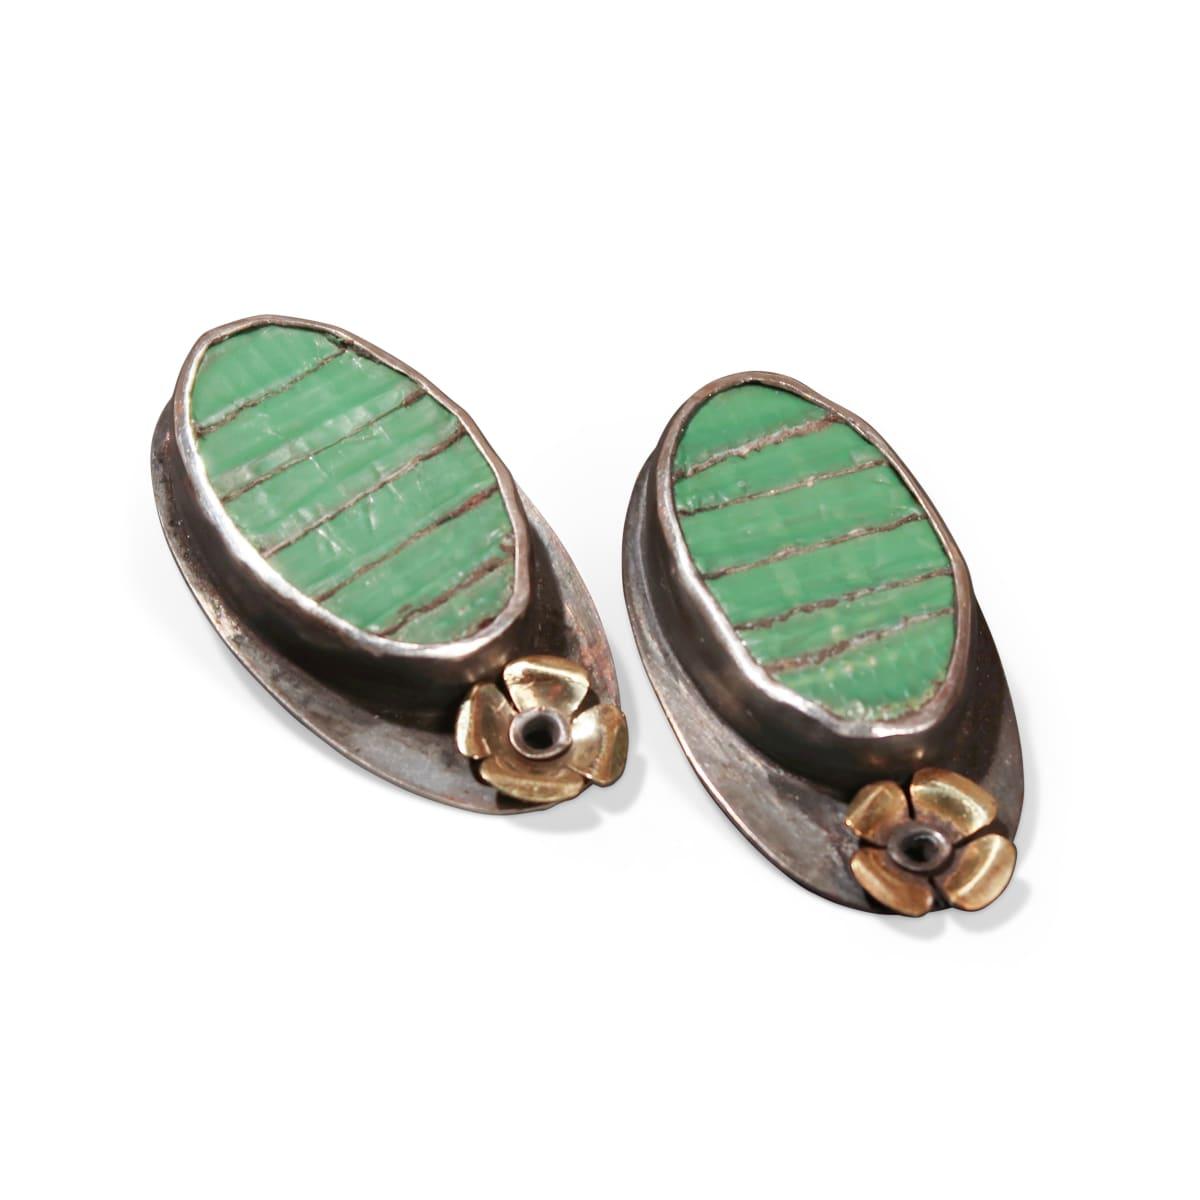 Ellen Wieske, Green Earrings, 2018